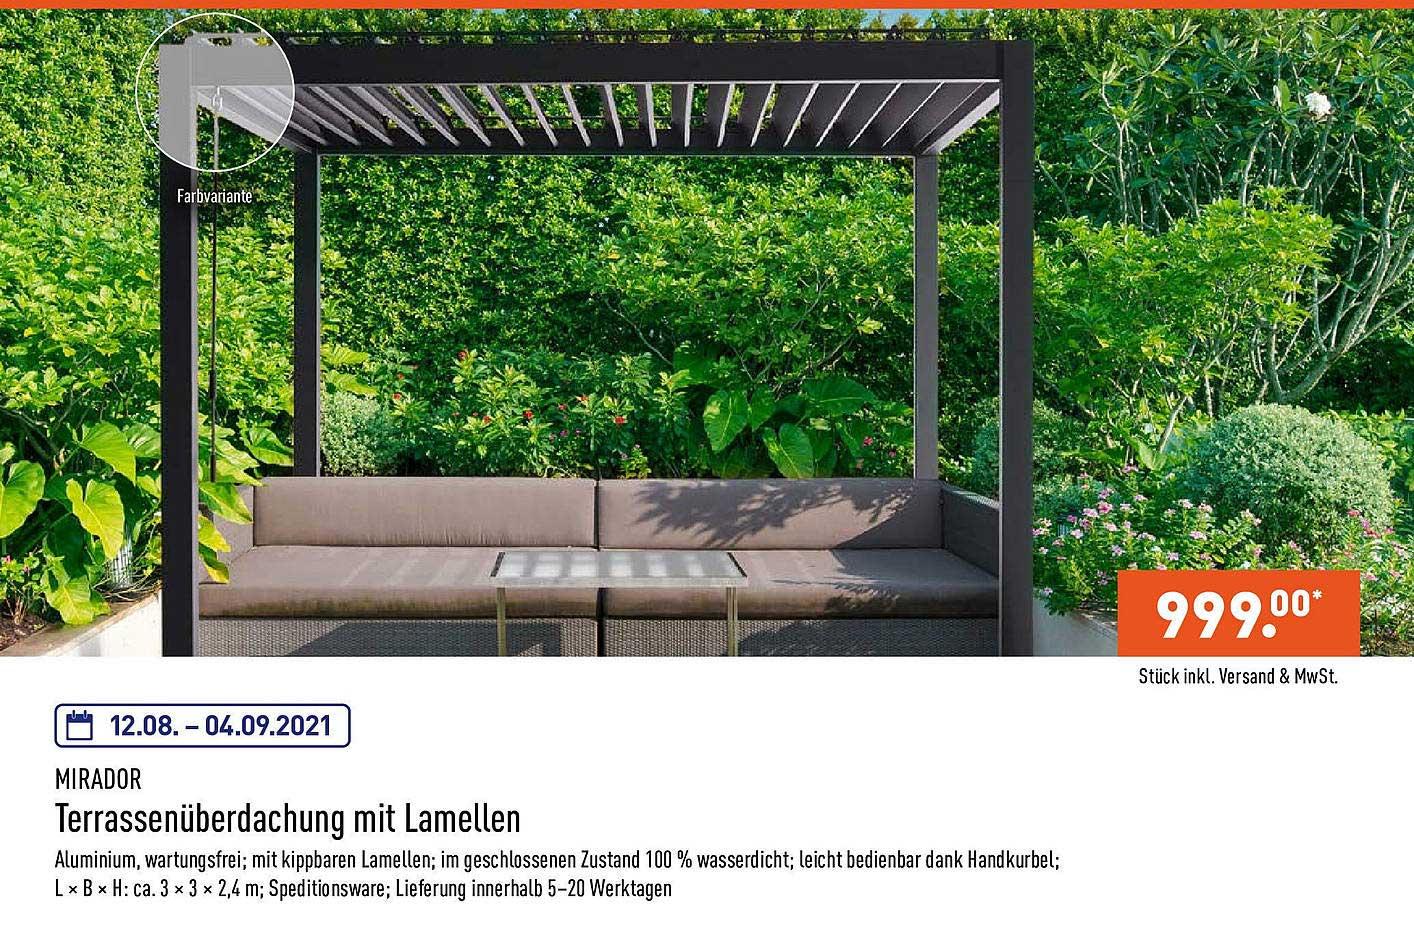 Lamellen Pergola Angebot bei Bauhaus